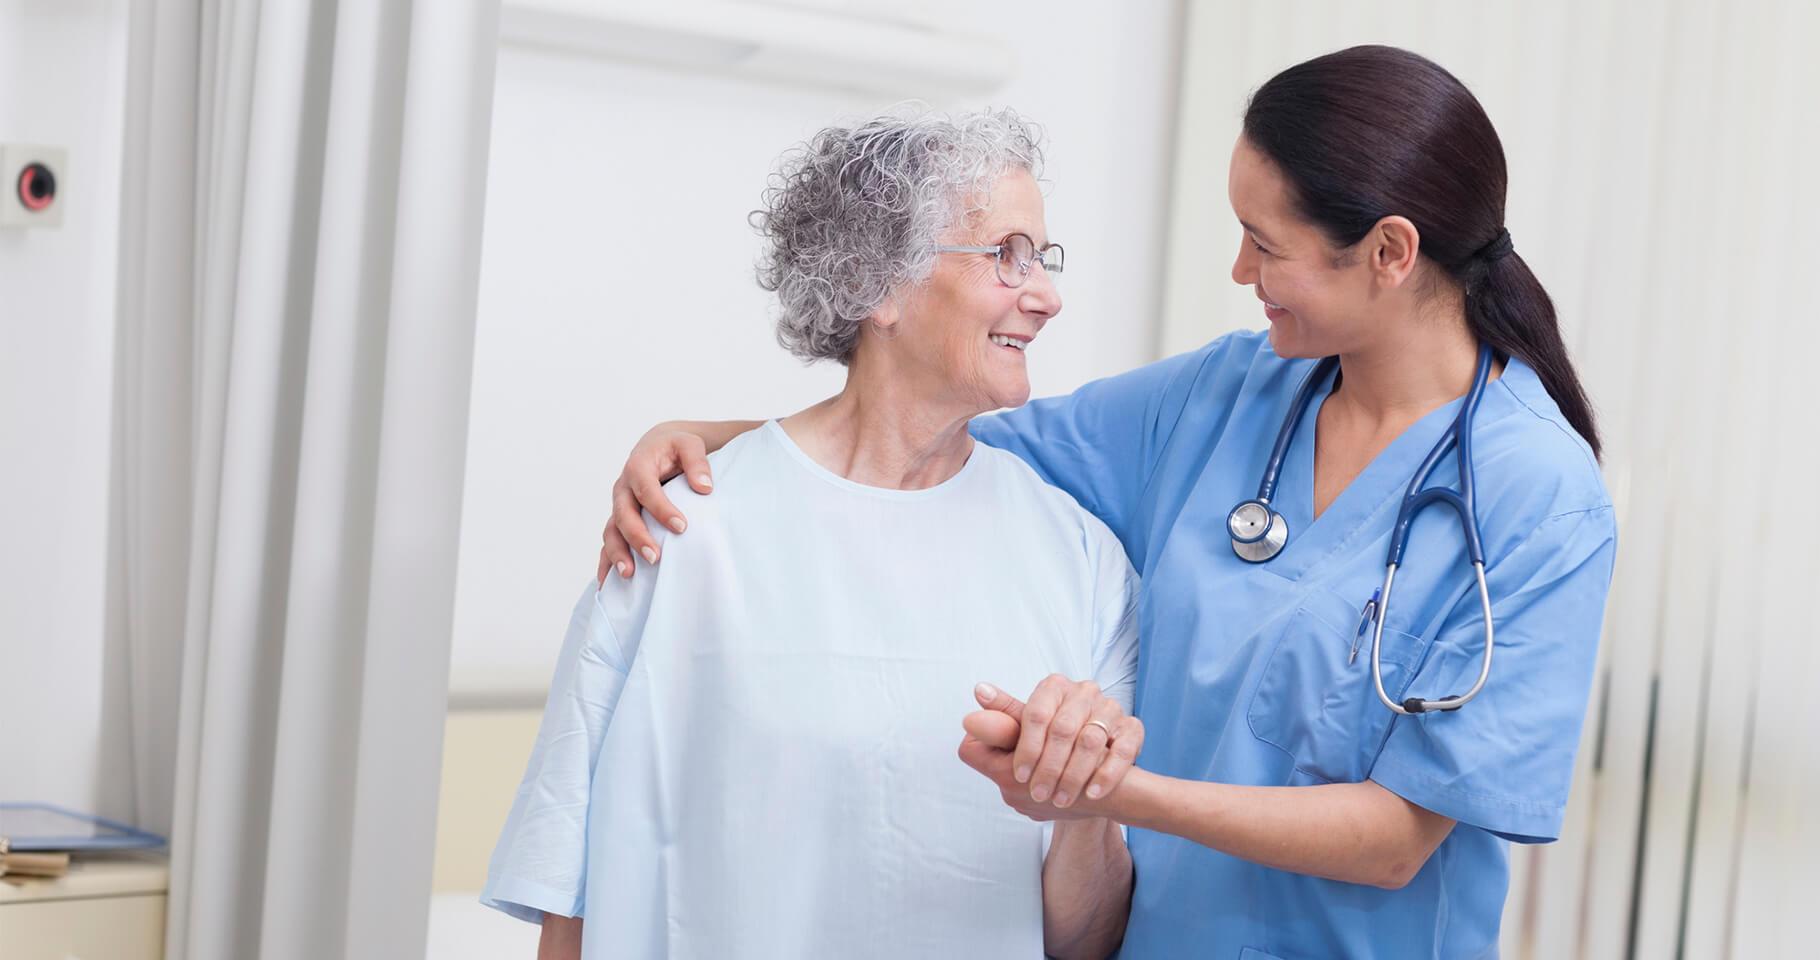 Técnico en Enfermería: cómo es estudiar y trabajar esta profesión